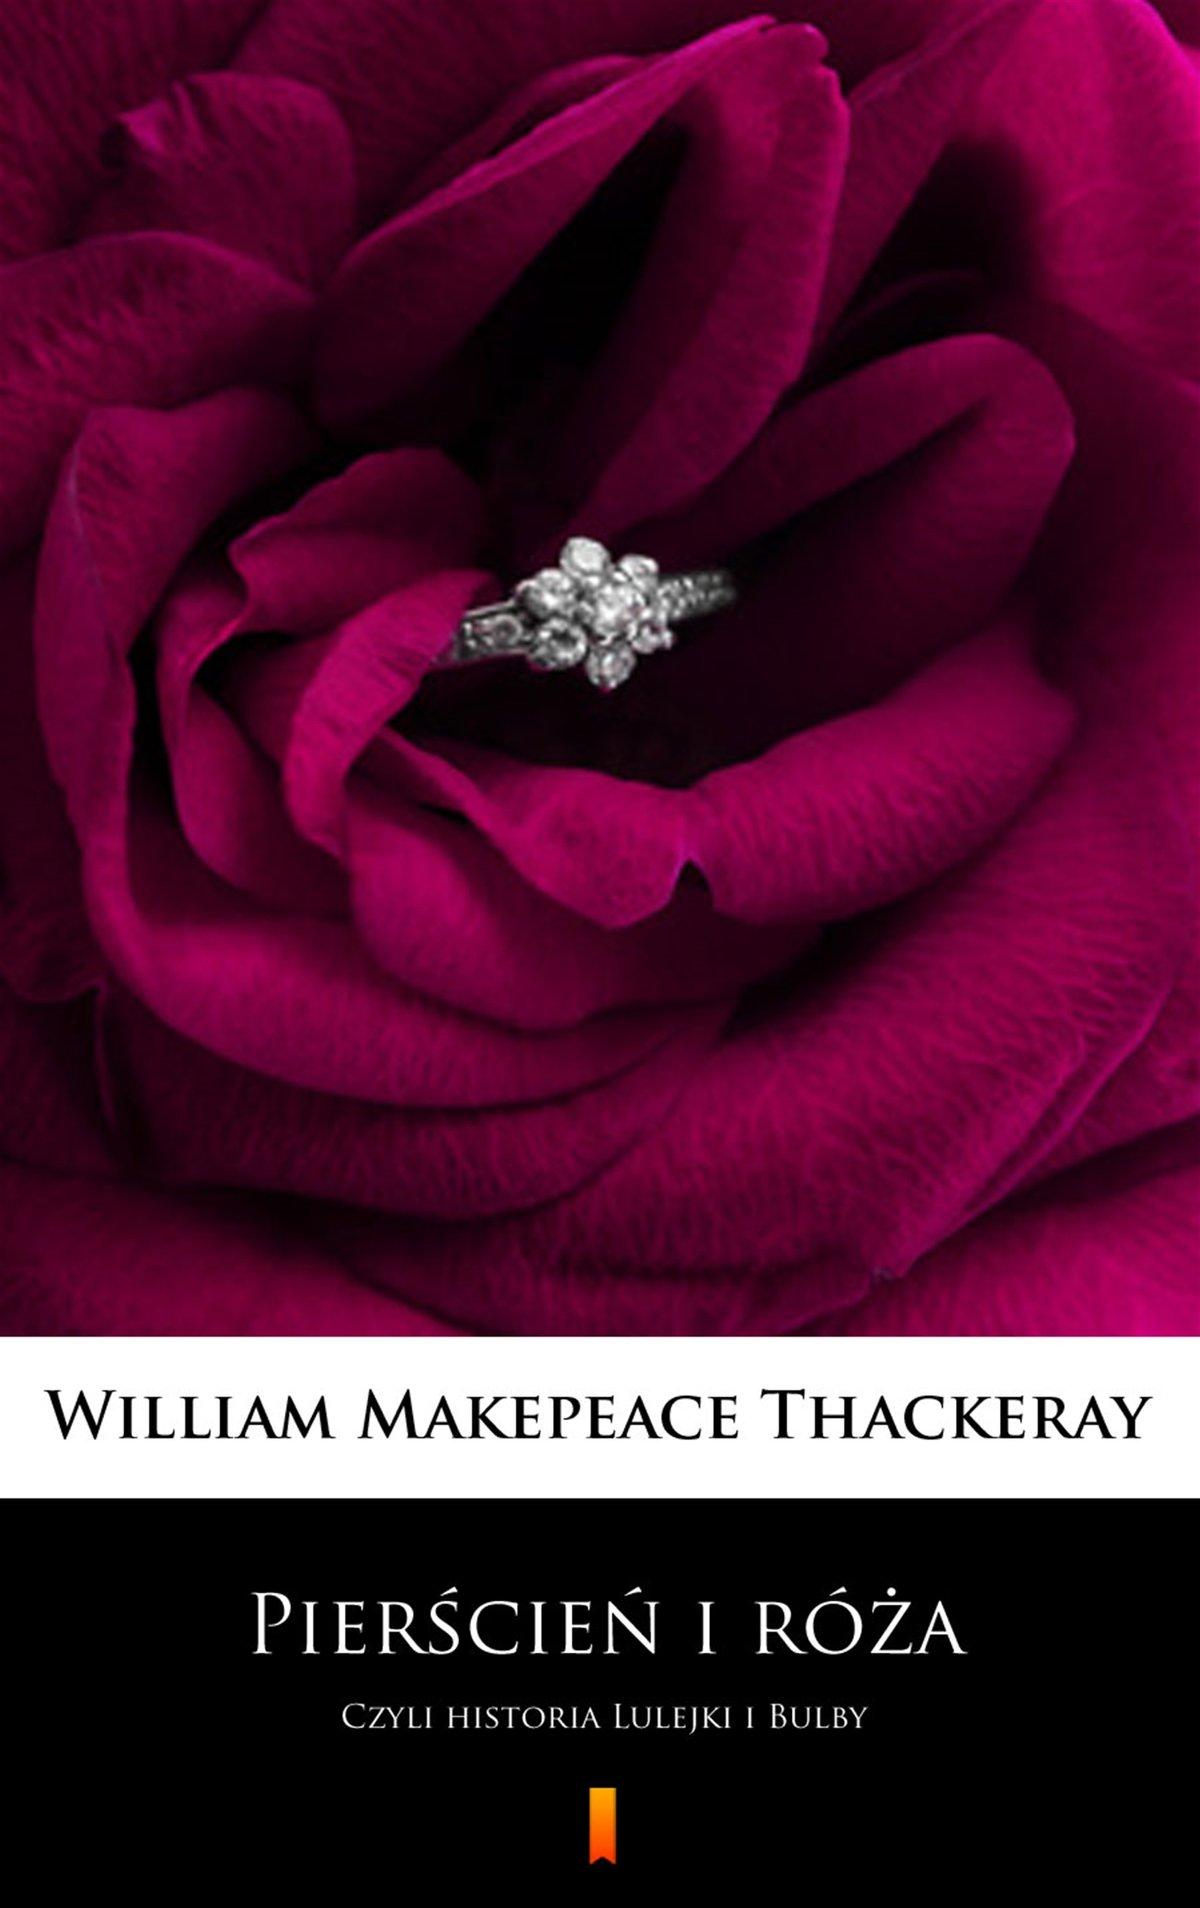 Pierścień i róża - Ebook (Książka na Kindle) do pobrania w formacie MOBI